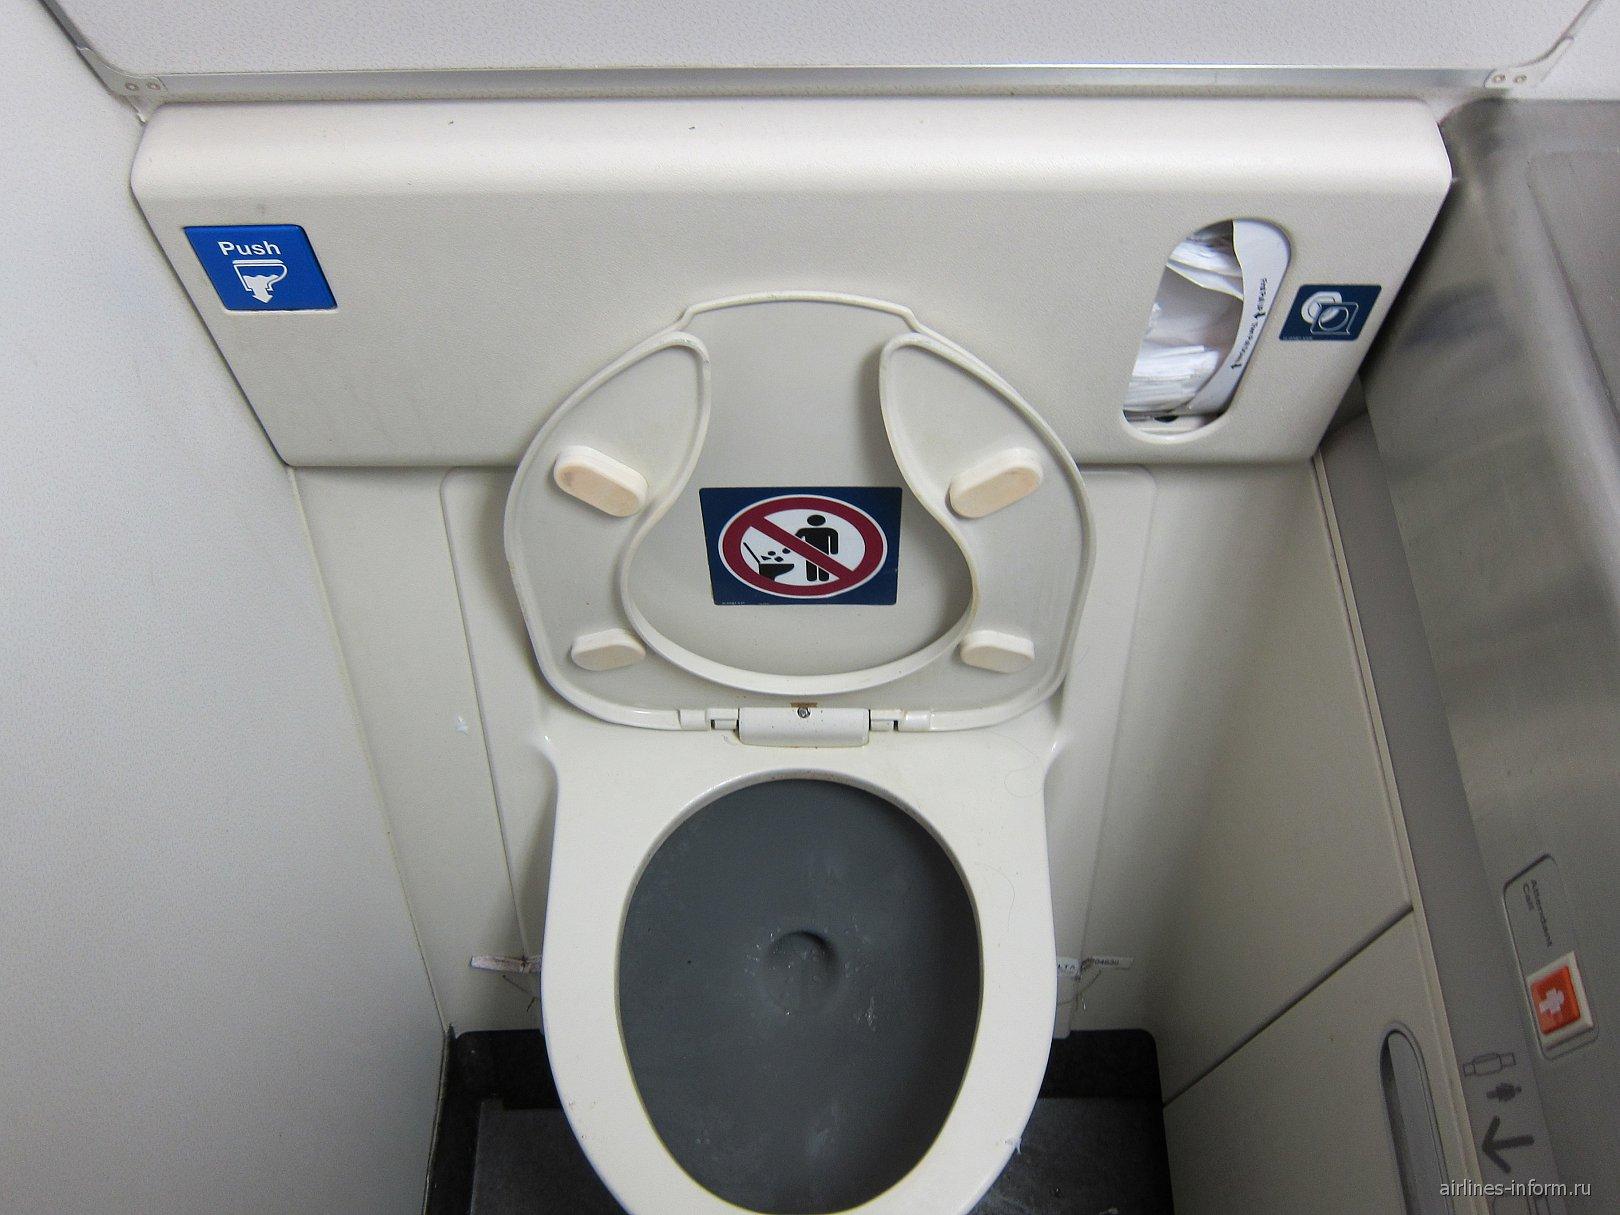 Туалет в в Боинге-767-300 авиакомпании Дельта